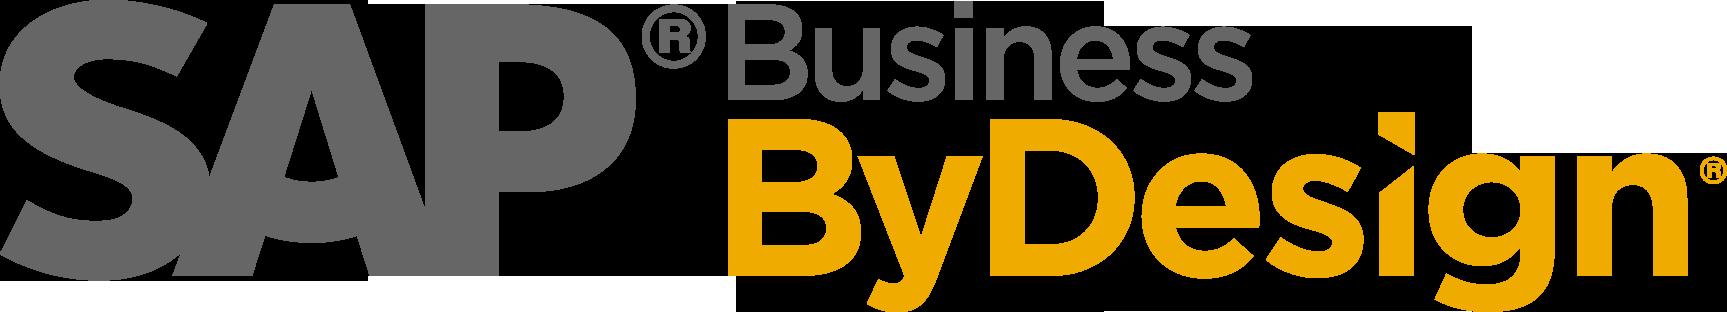 SAP_BbyD_R_3-1